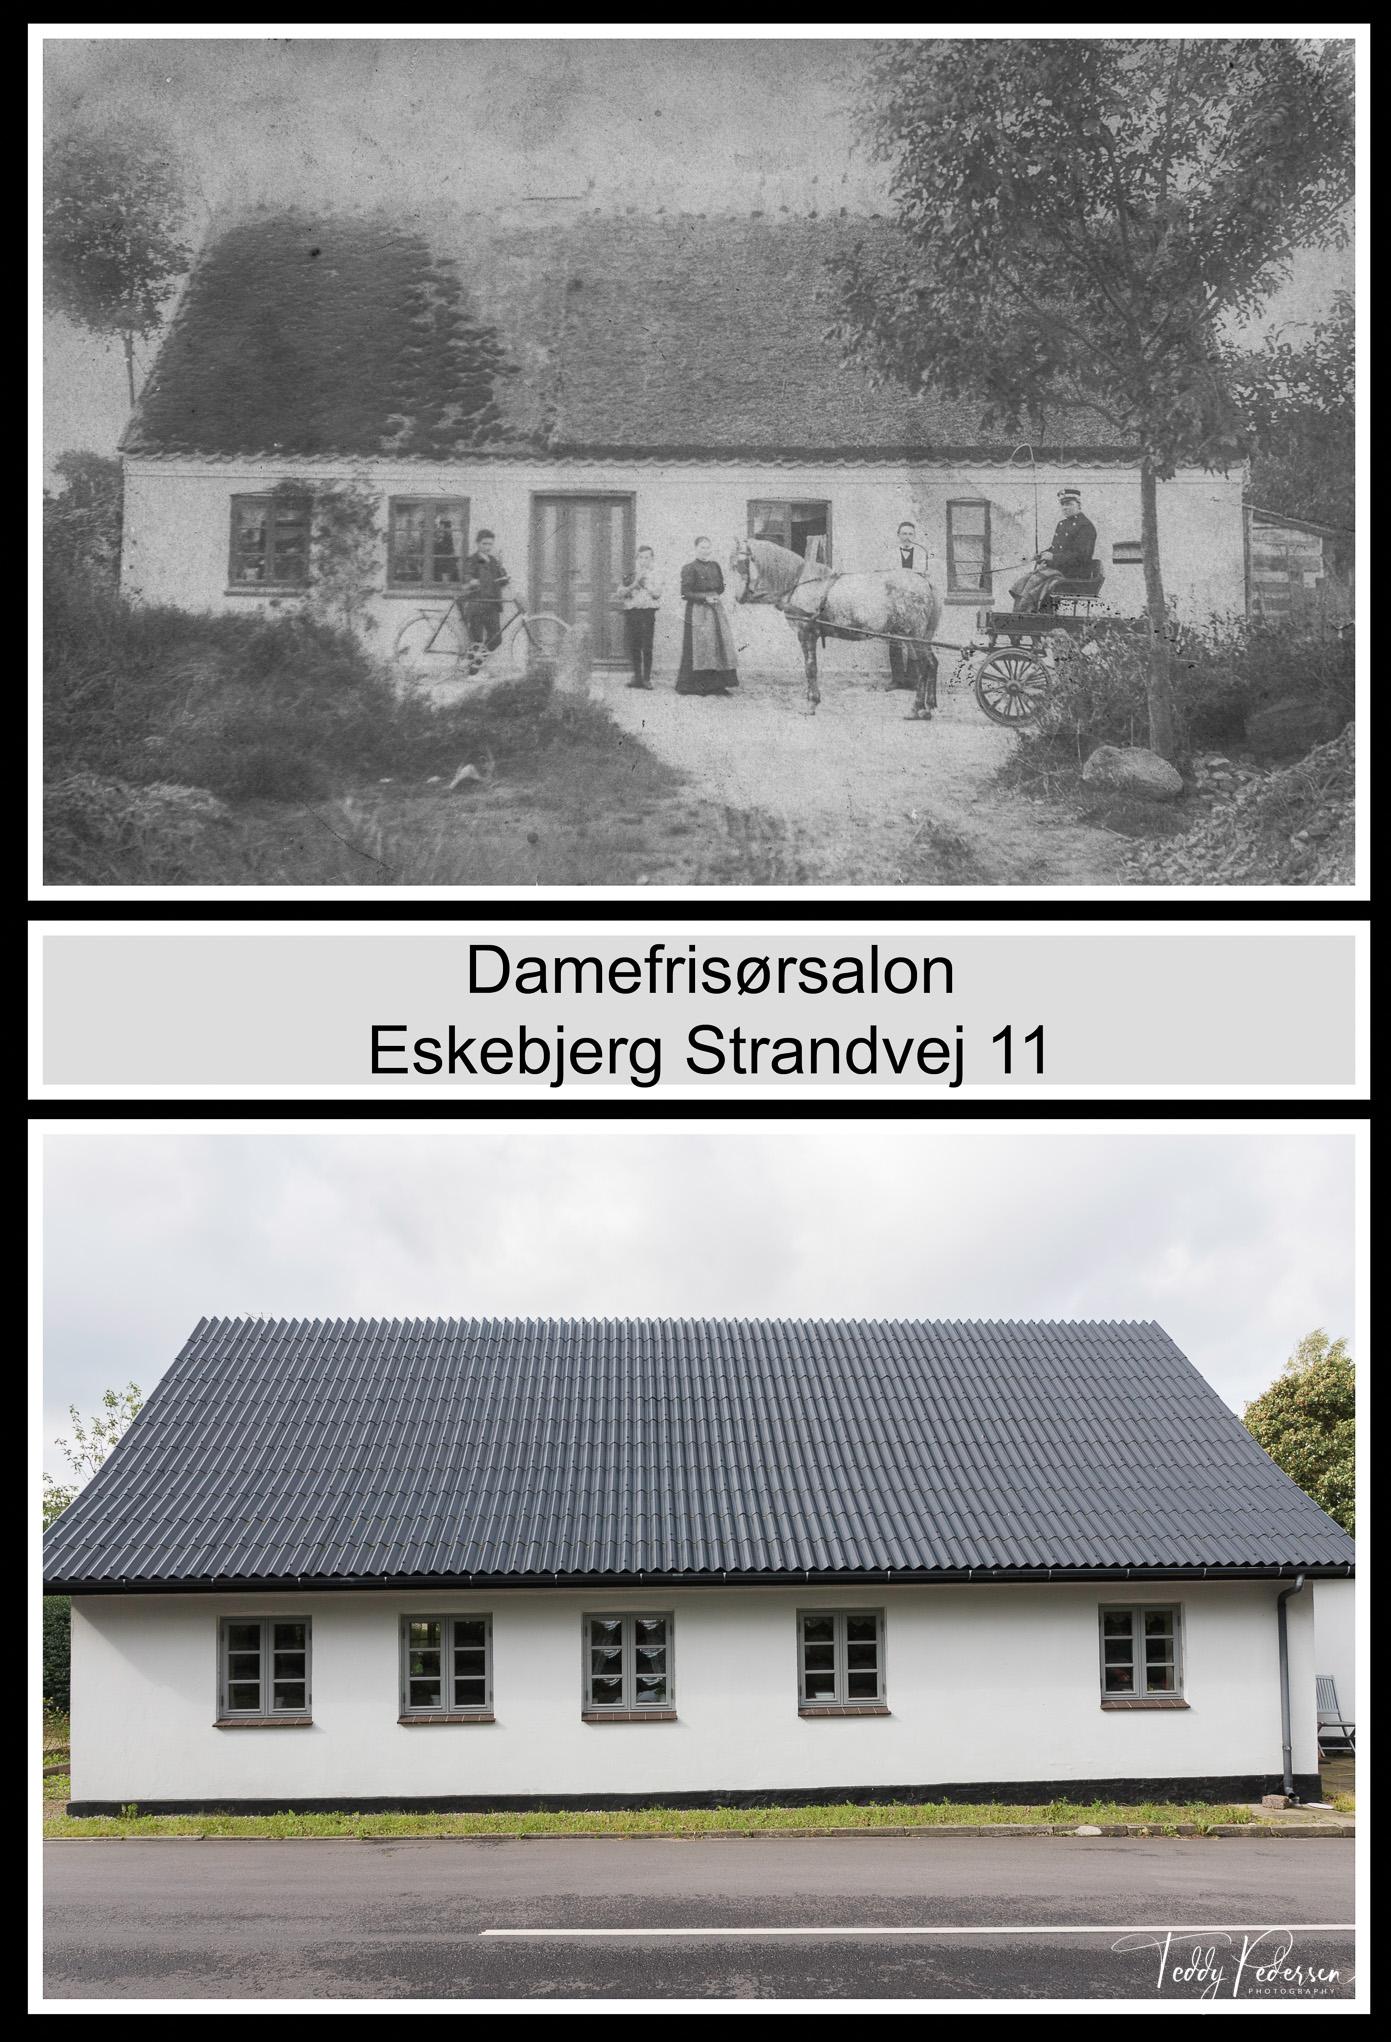 030-014-Damefrisør-Eskebjergstrandvej_HighRes_LowRes